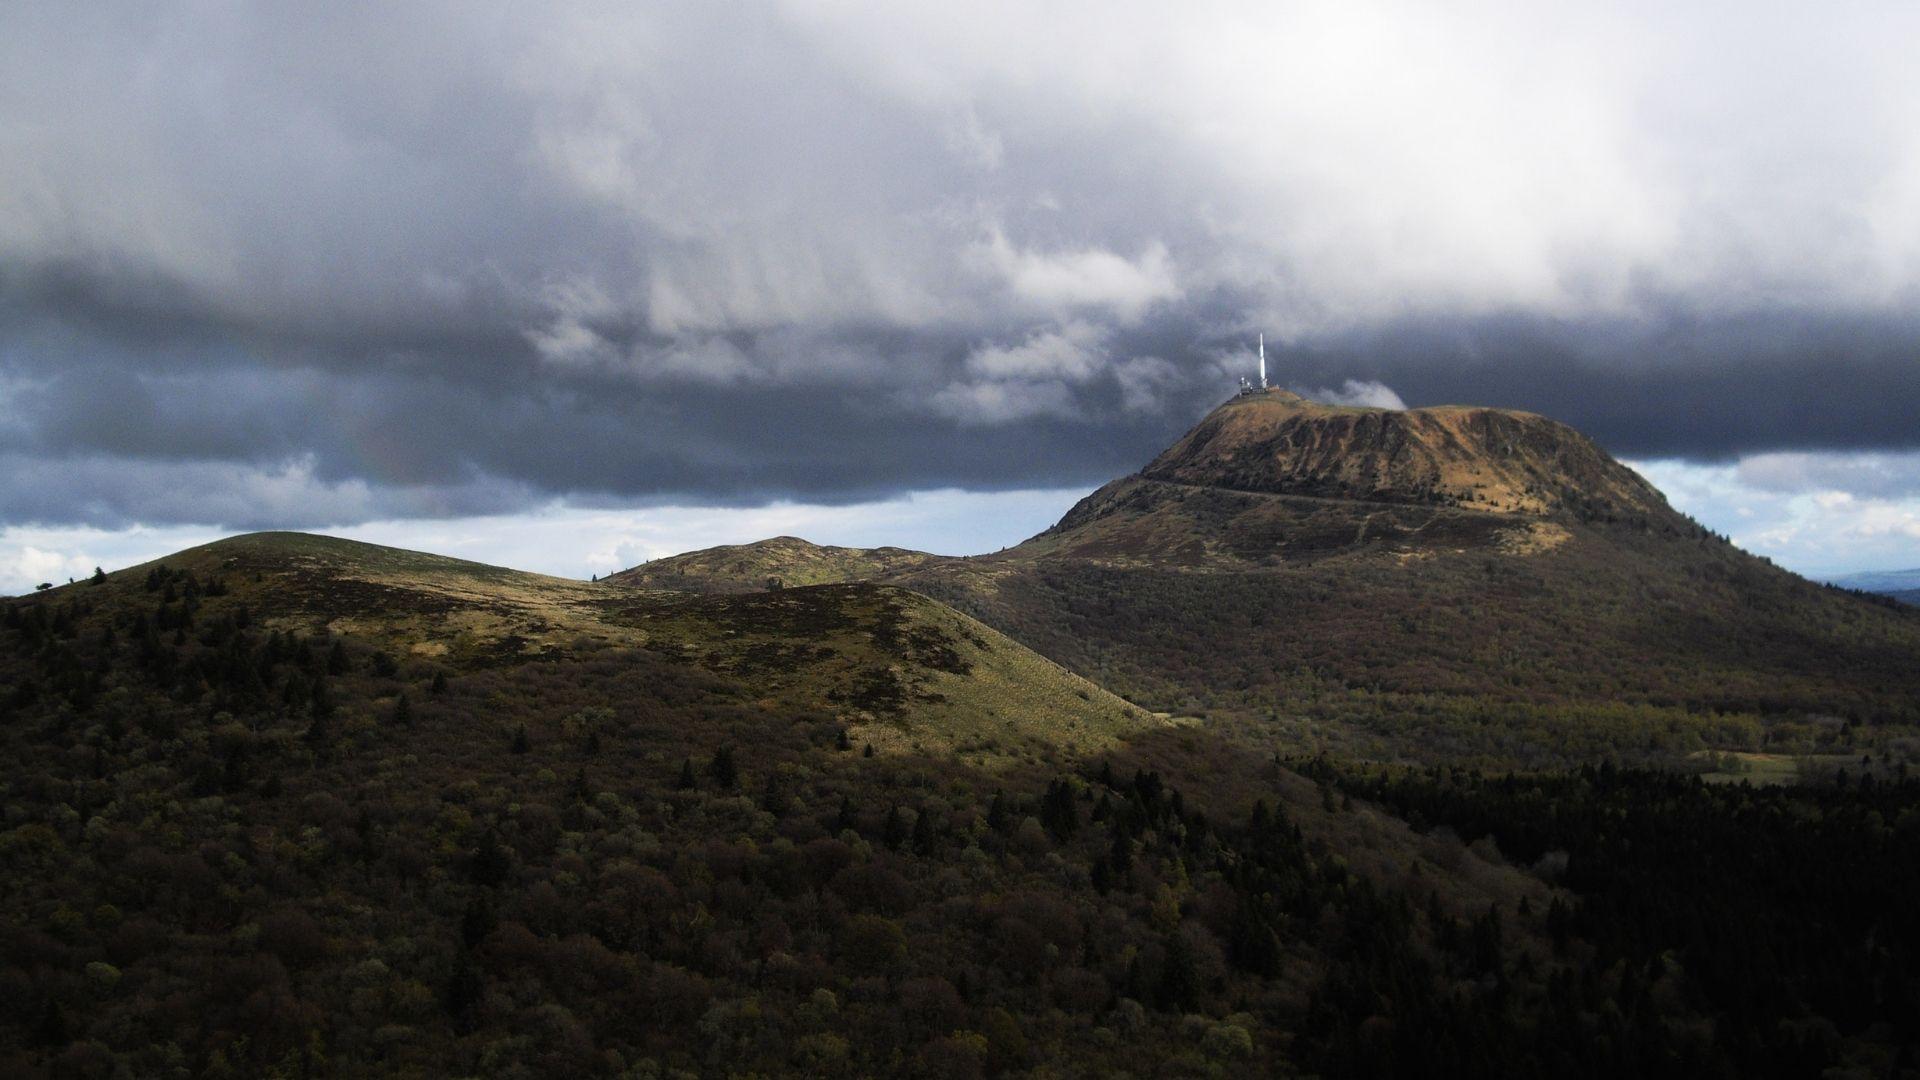 Volcan de Puy-de-Dôme, France